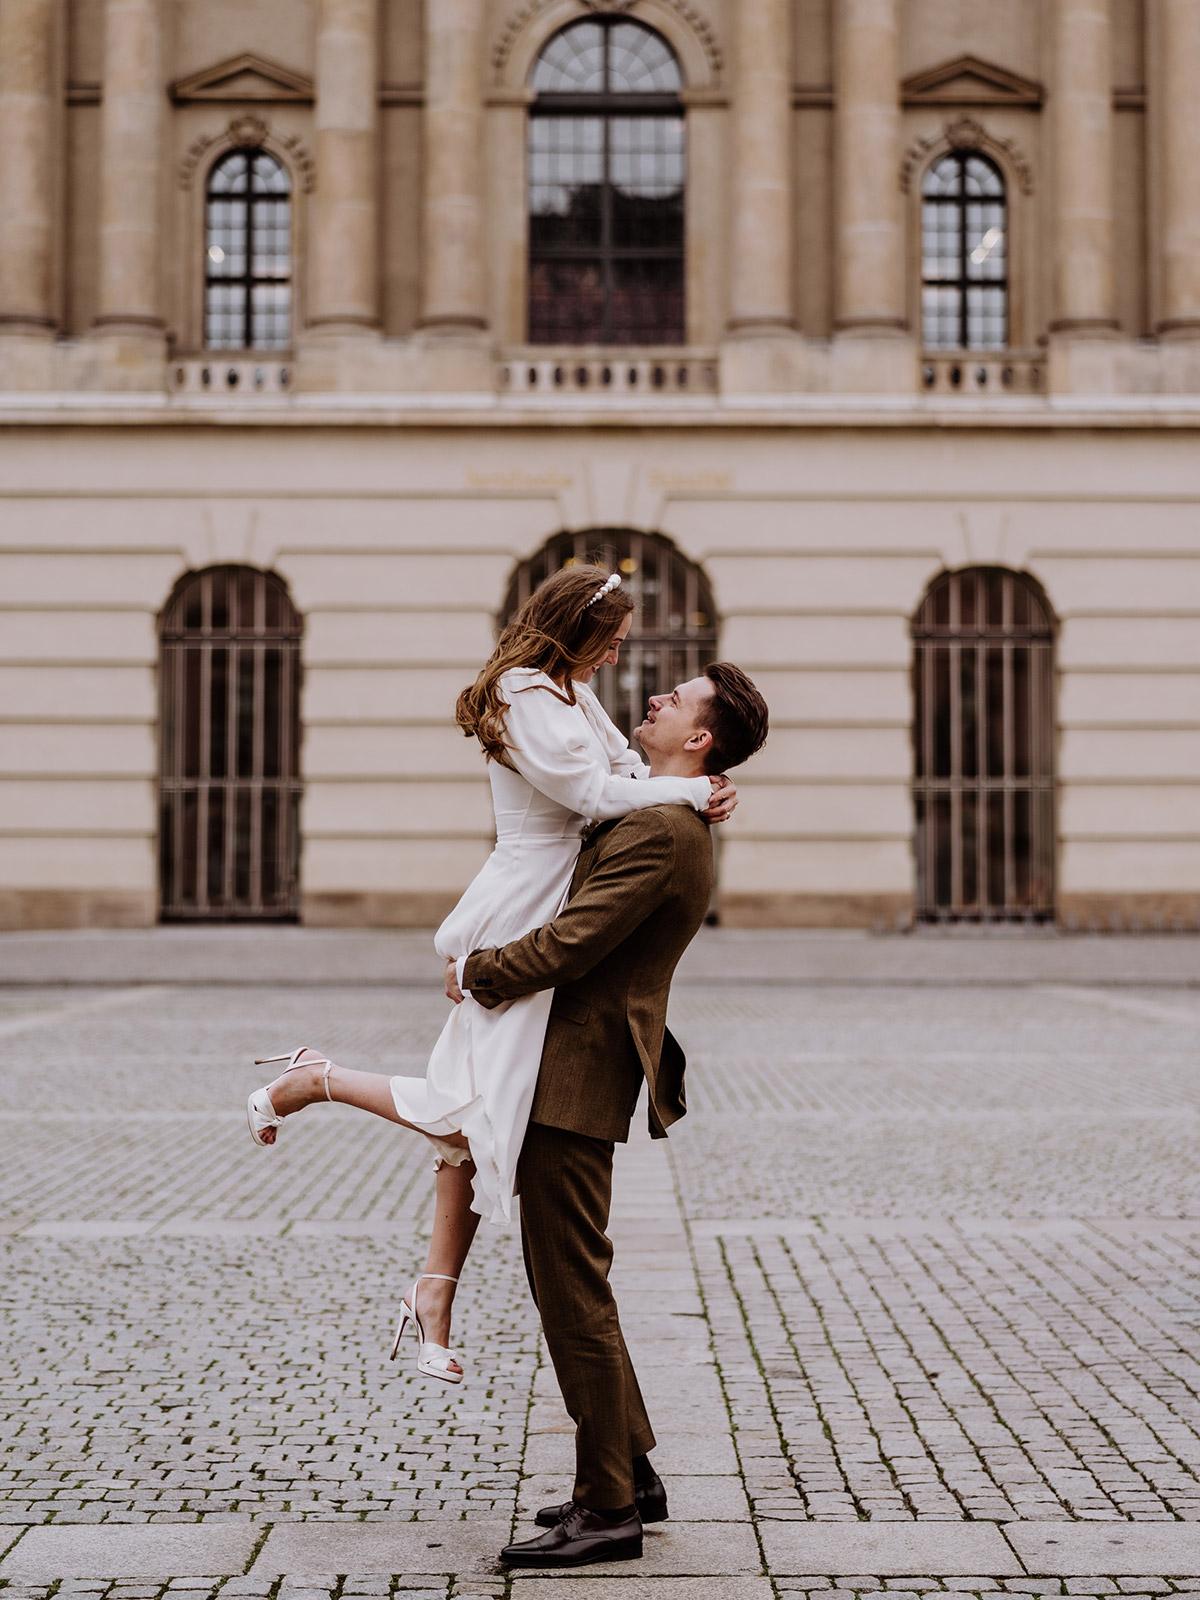 Brautpaar Fotoshooting Idee: Hochzeitsfoto nach der standesamtlichen Hochzeit im Winter. Bräutigam hebt Braut an, die Hochzeitskleid mit langen Ärmeln trägt. Mehr zur Elopement Winterhochzeit während Corana im Blog © www.hochzeitslicht.de #hochzeitslicht